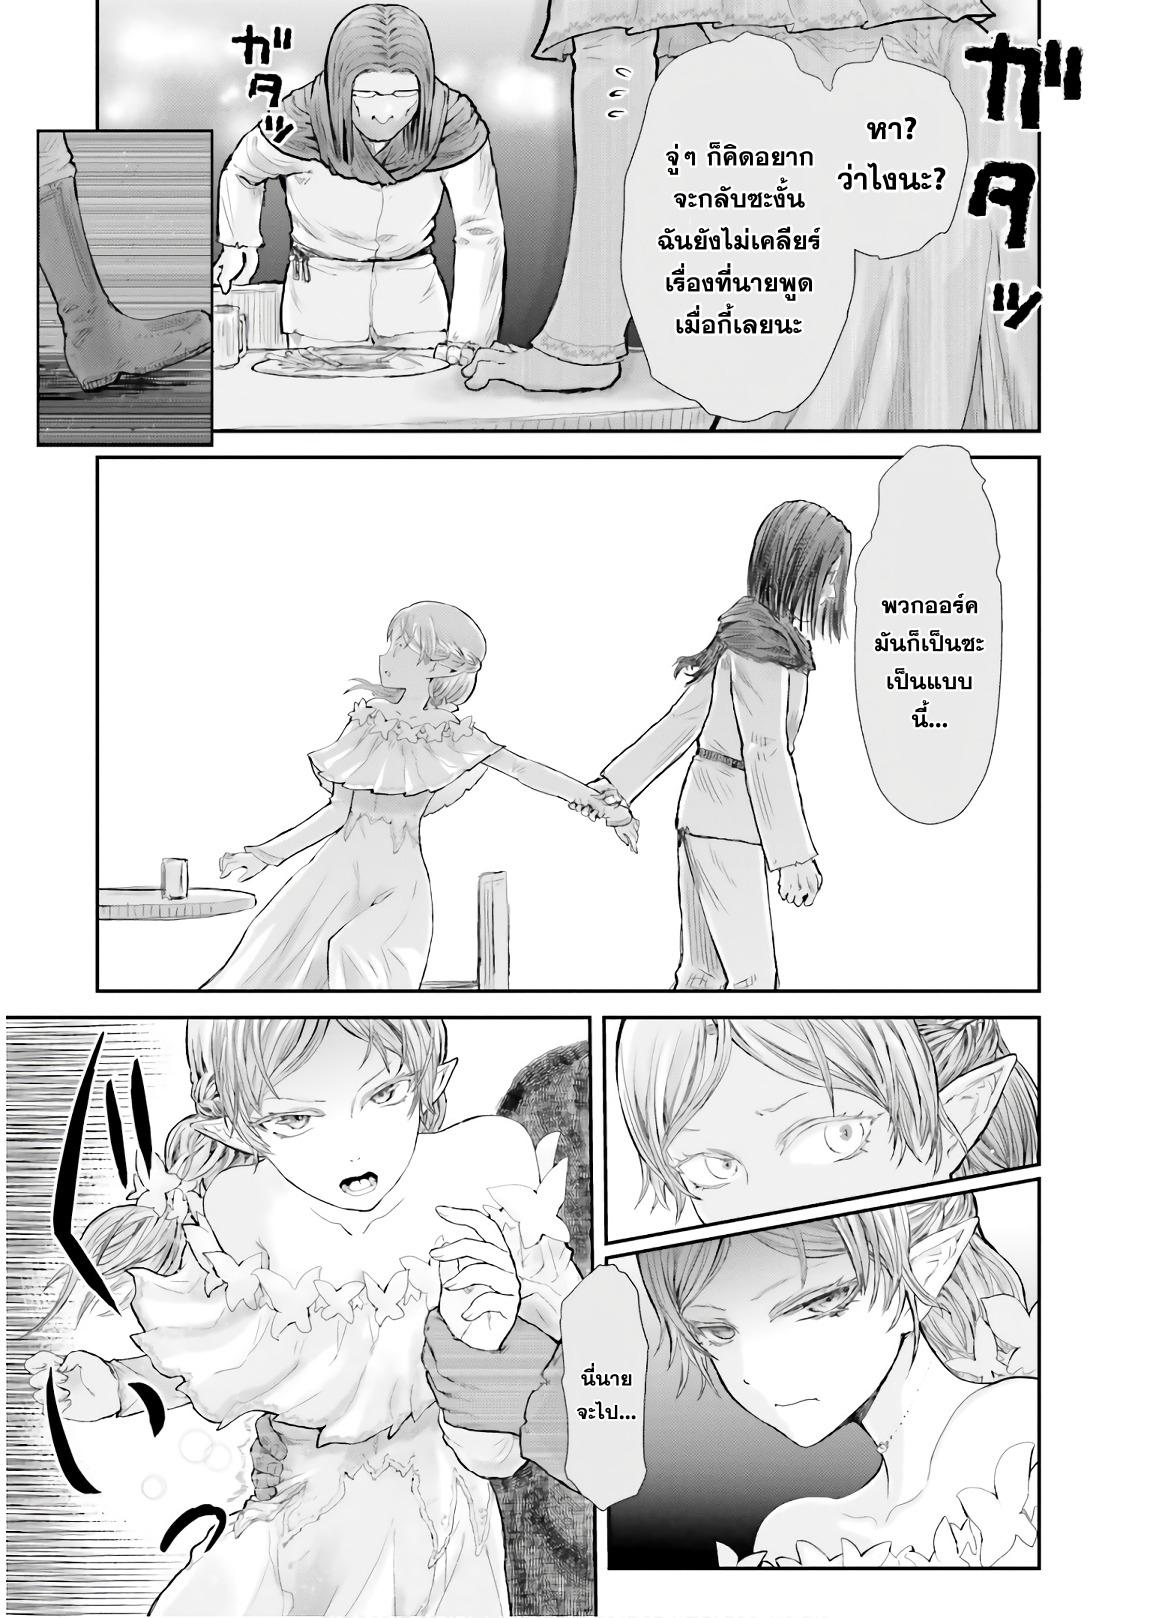 อ่านการ์ตูน Isekai Ojisan ตอนที่ 12 หน้าที่ 18